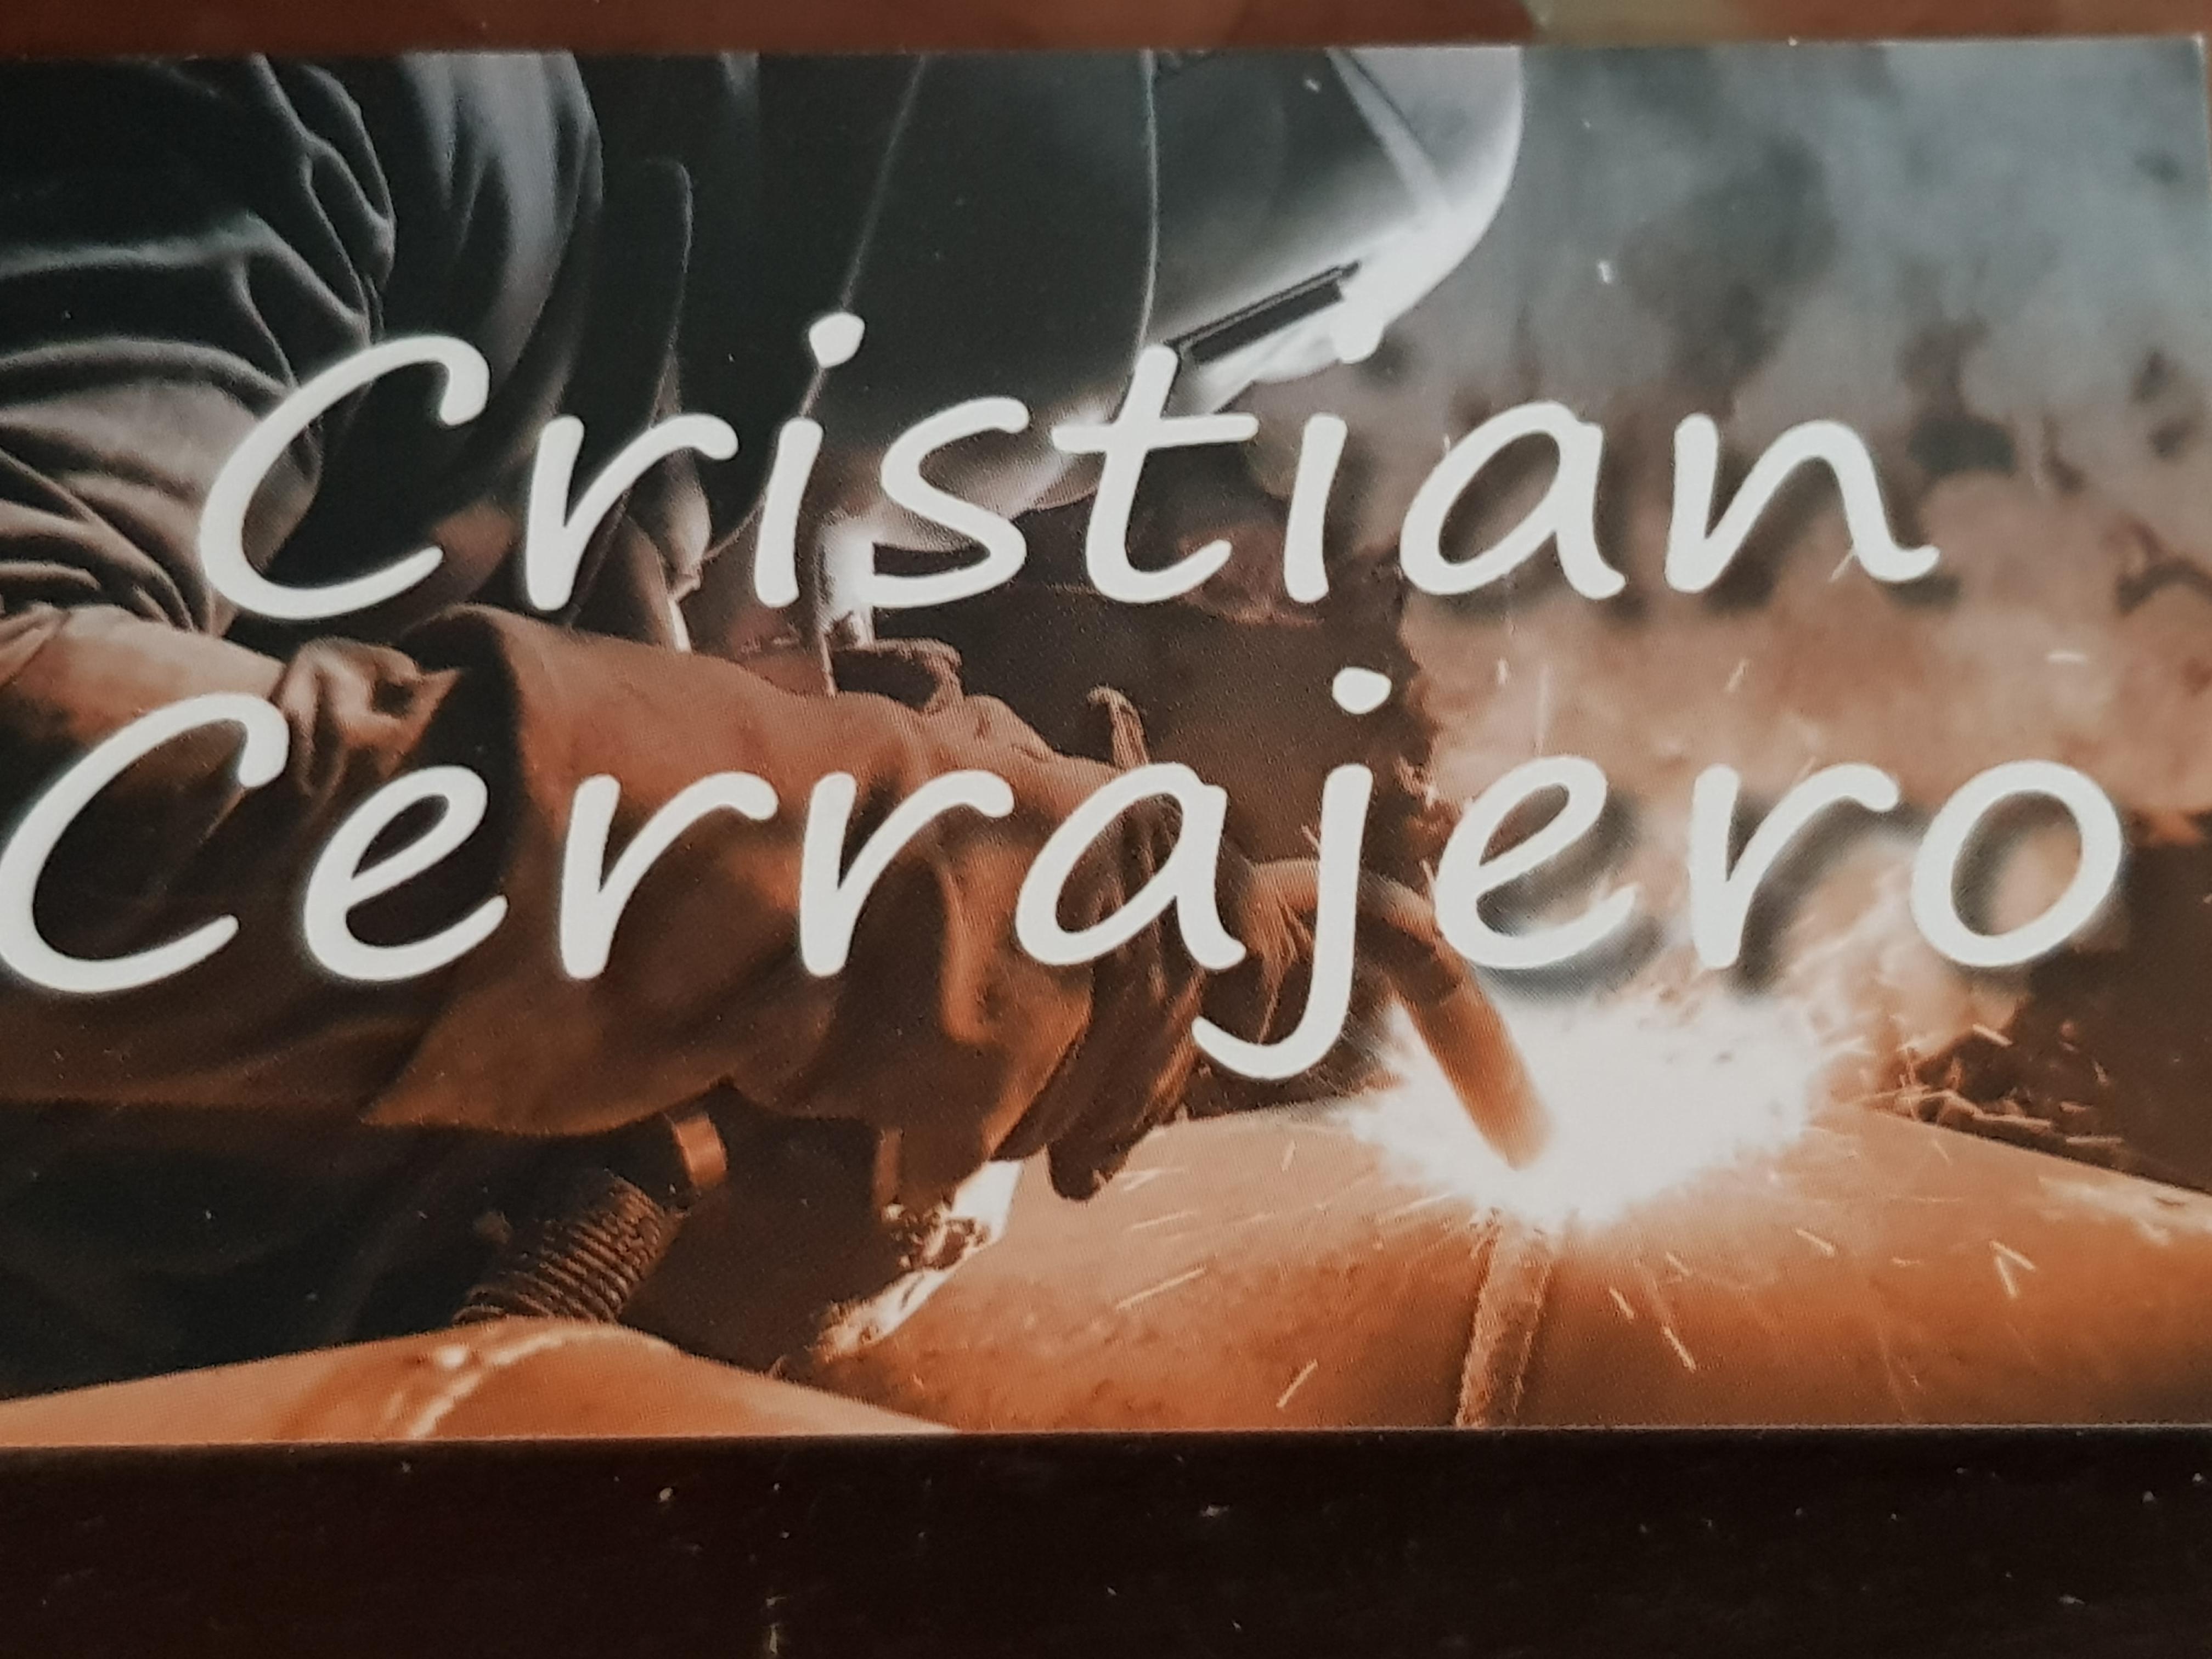 Cerrajería Cristian